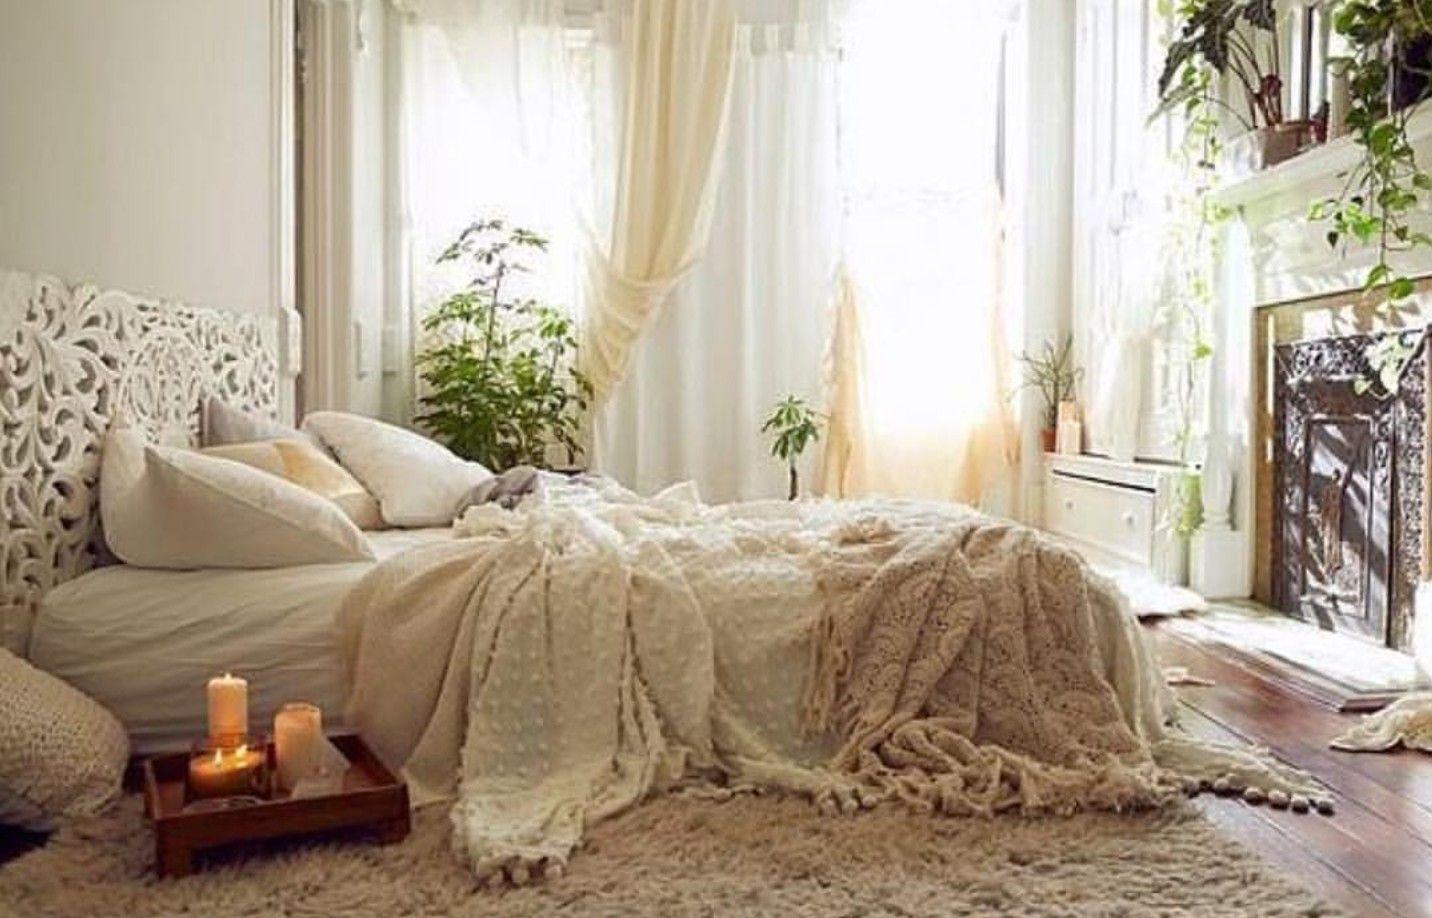 Zen Bedroom Bedroomdecor Boho Bohemian Interiors